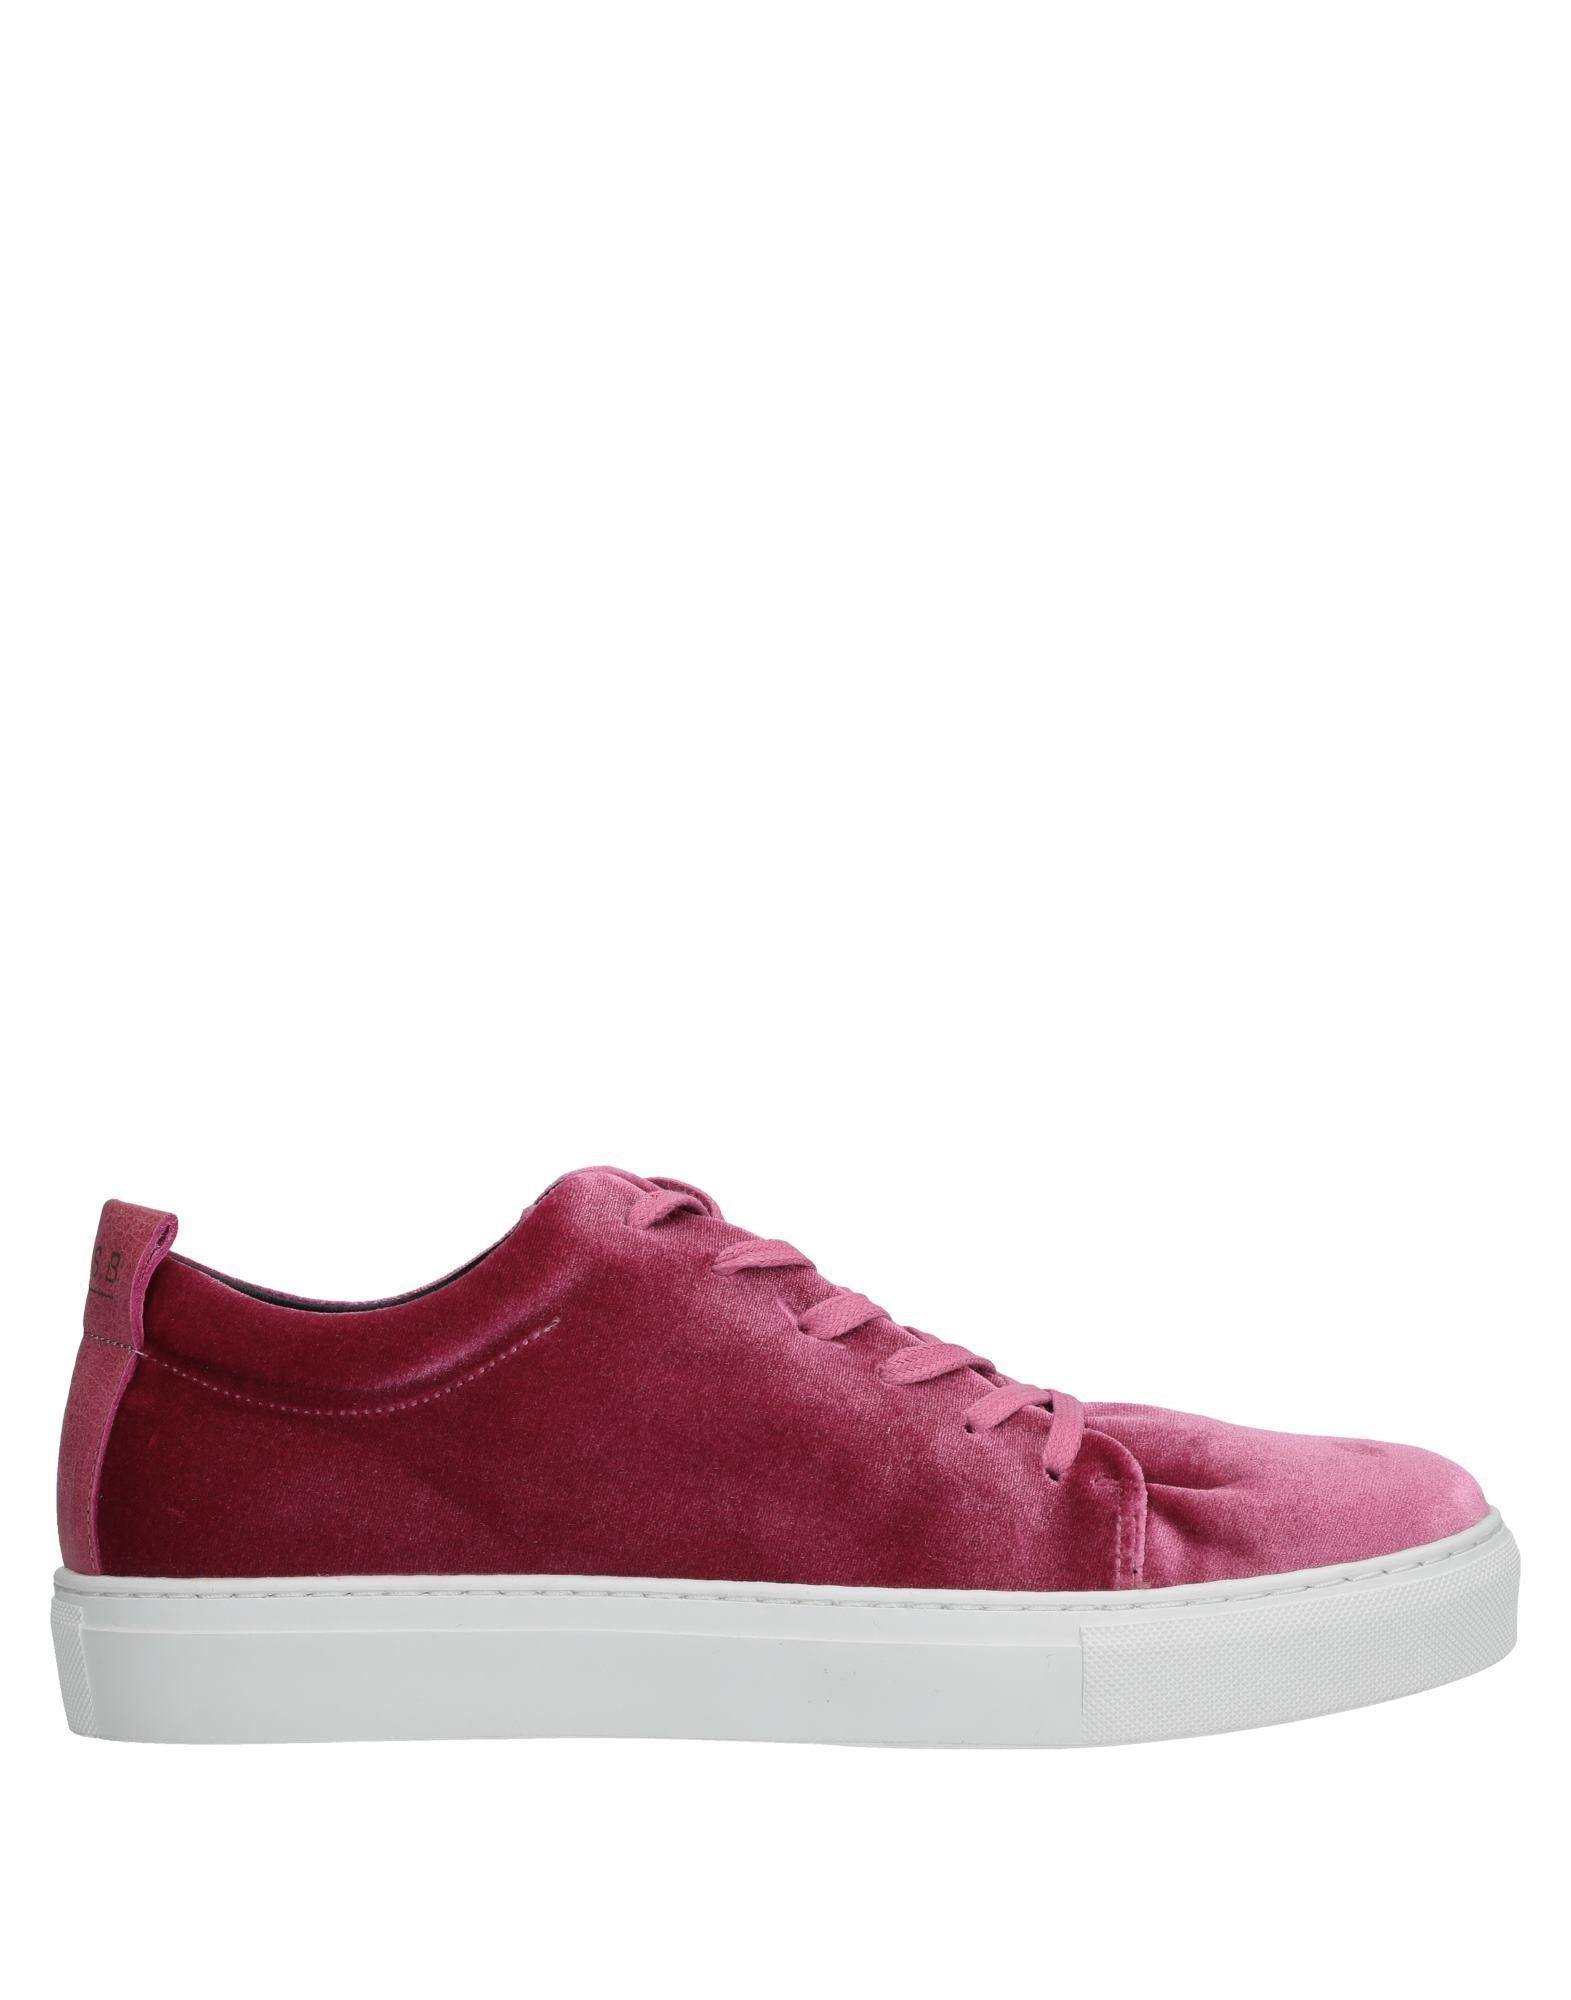 Maison Shoeshibar Sneakers Damen  11537126SC Gute Qualität beliebte Schuhe